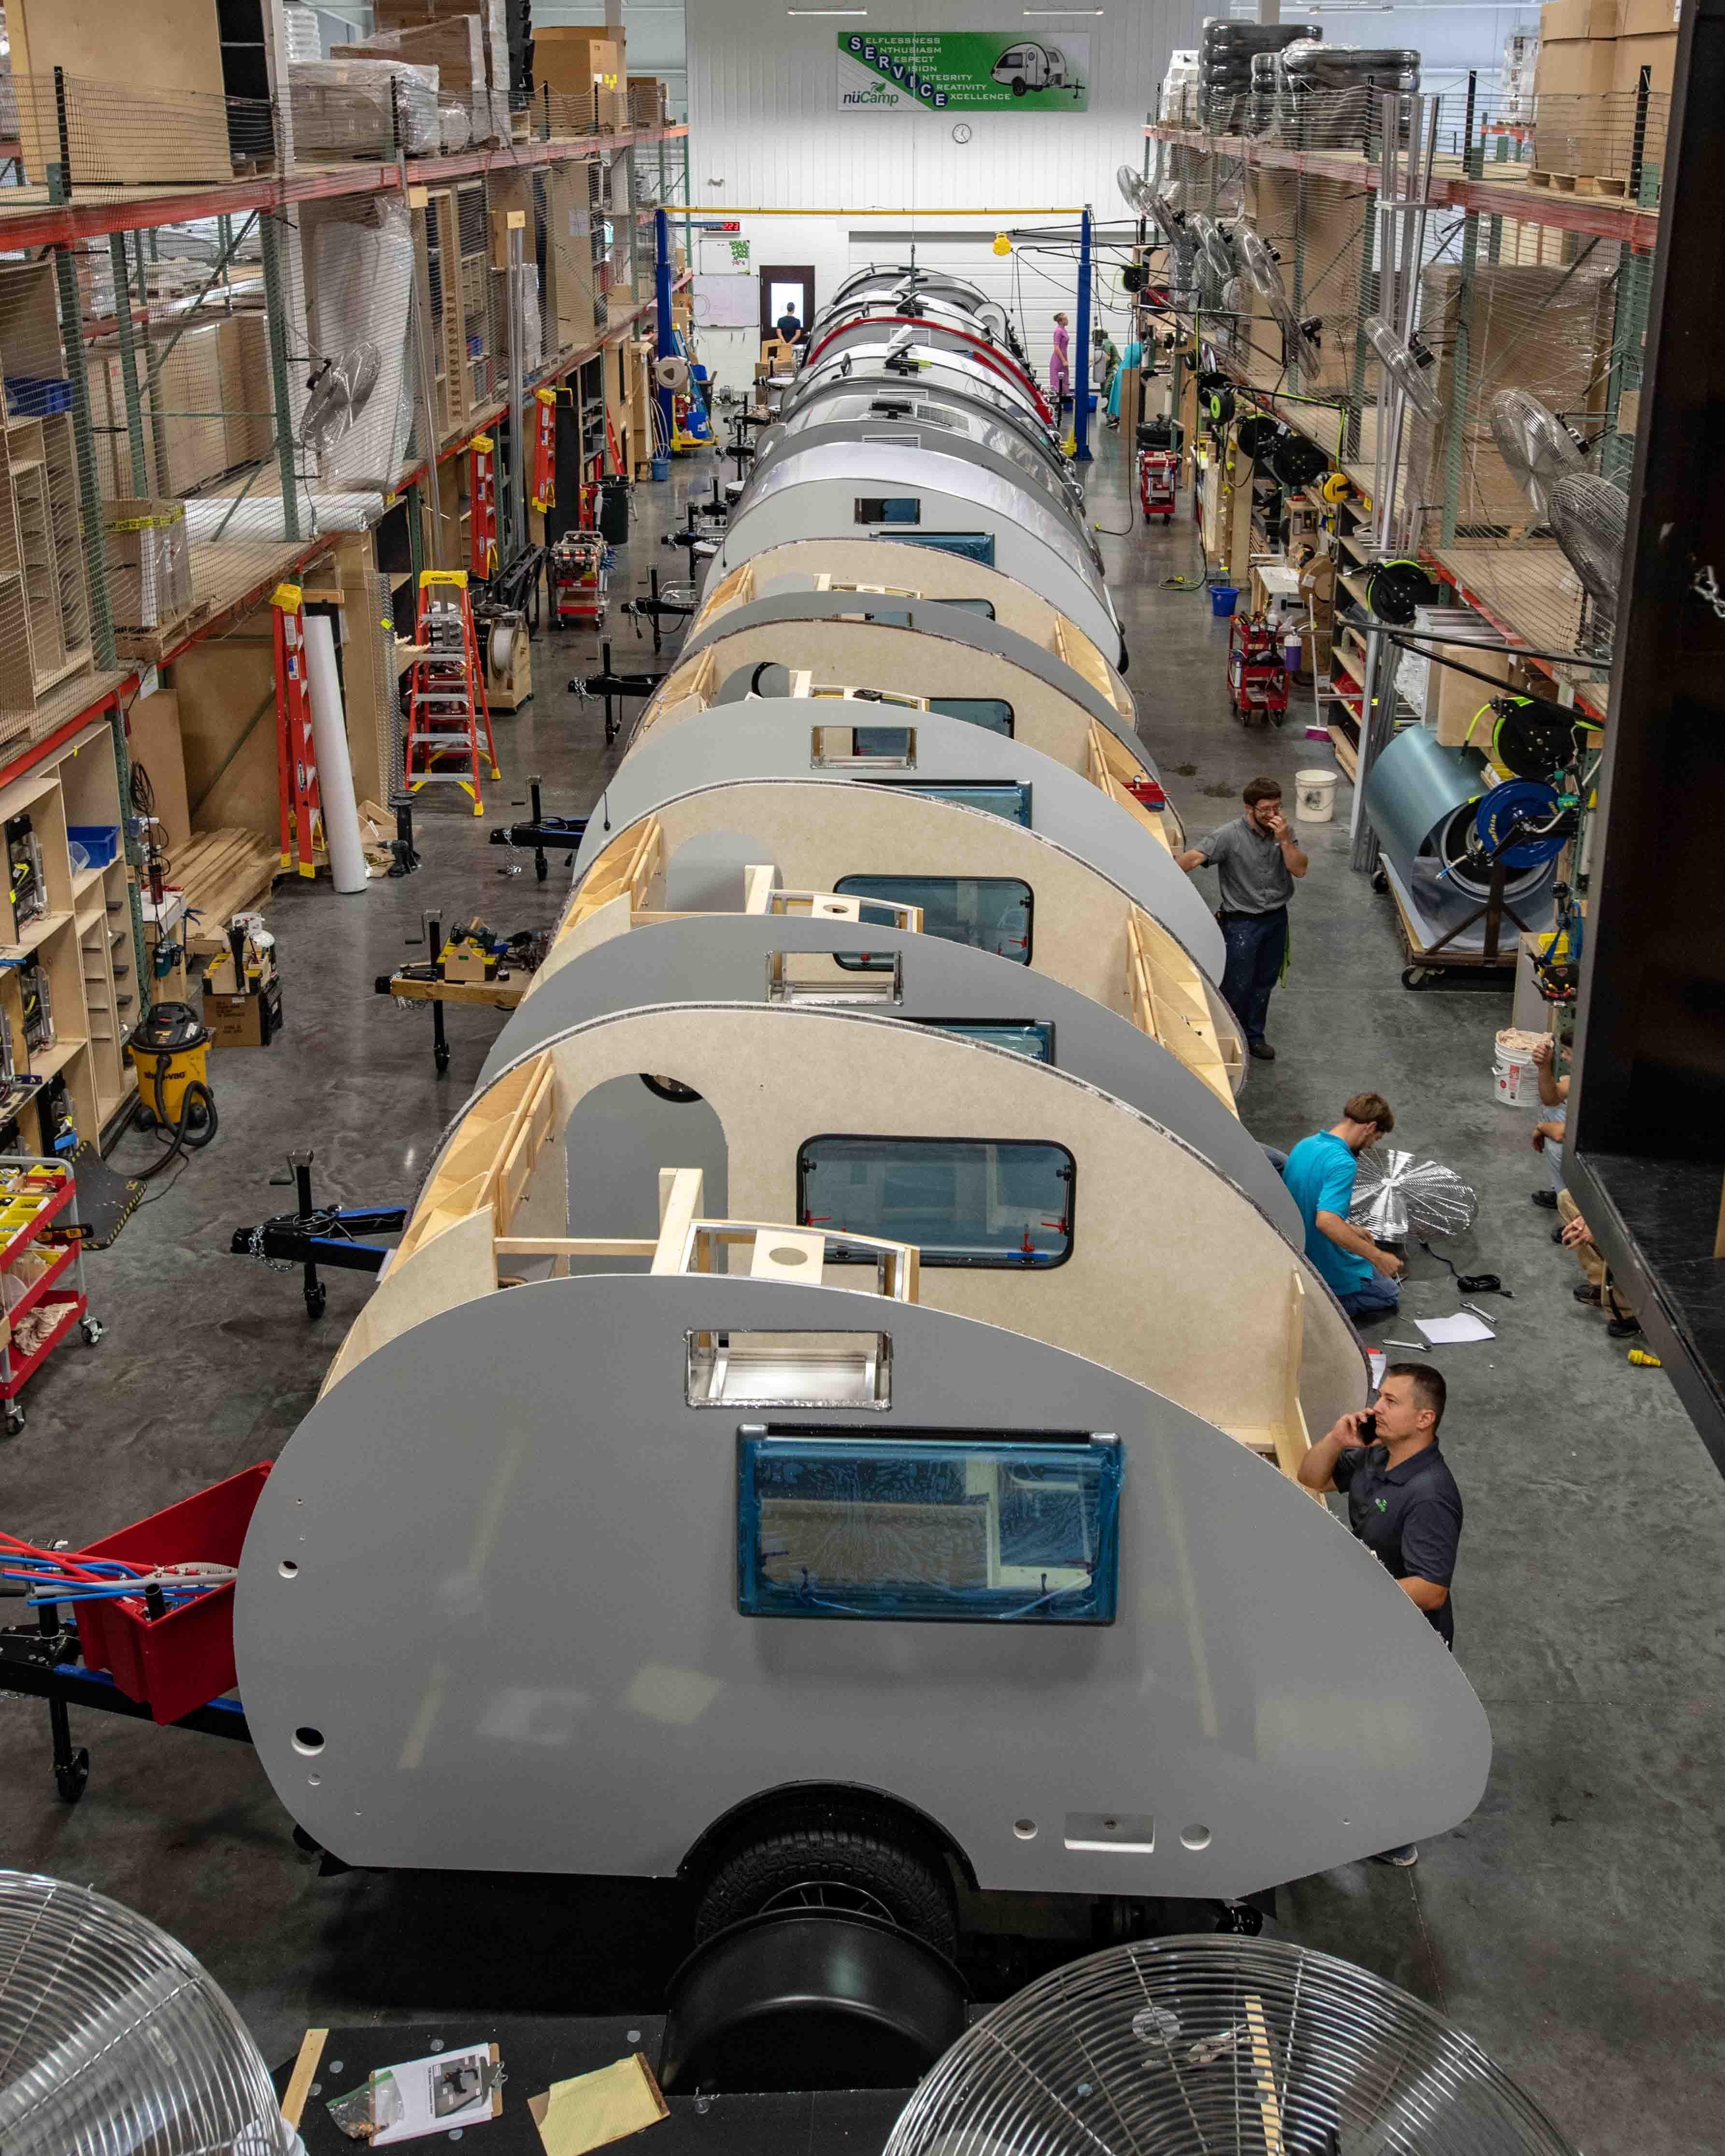 Photos de T@B 320 d'usine montrant les emplacements des objets avant qu'ils ne soient cachés dans les murs W1j85k0pbdzc